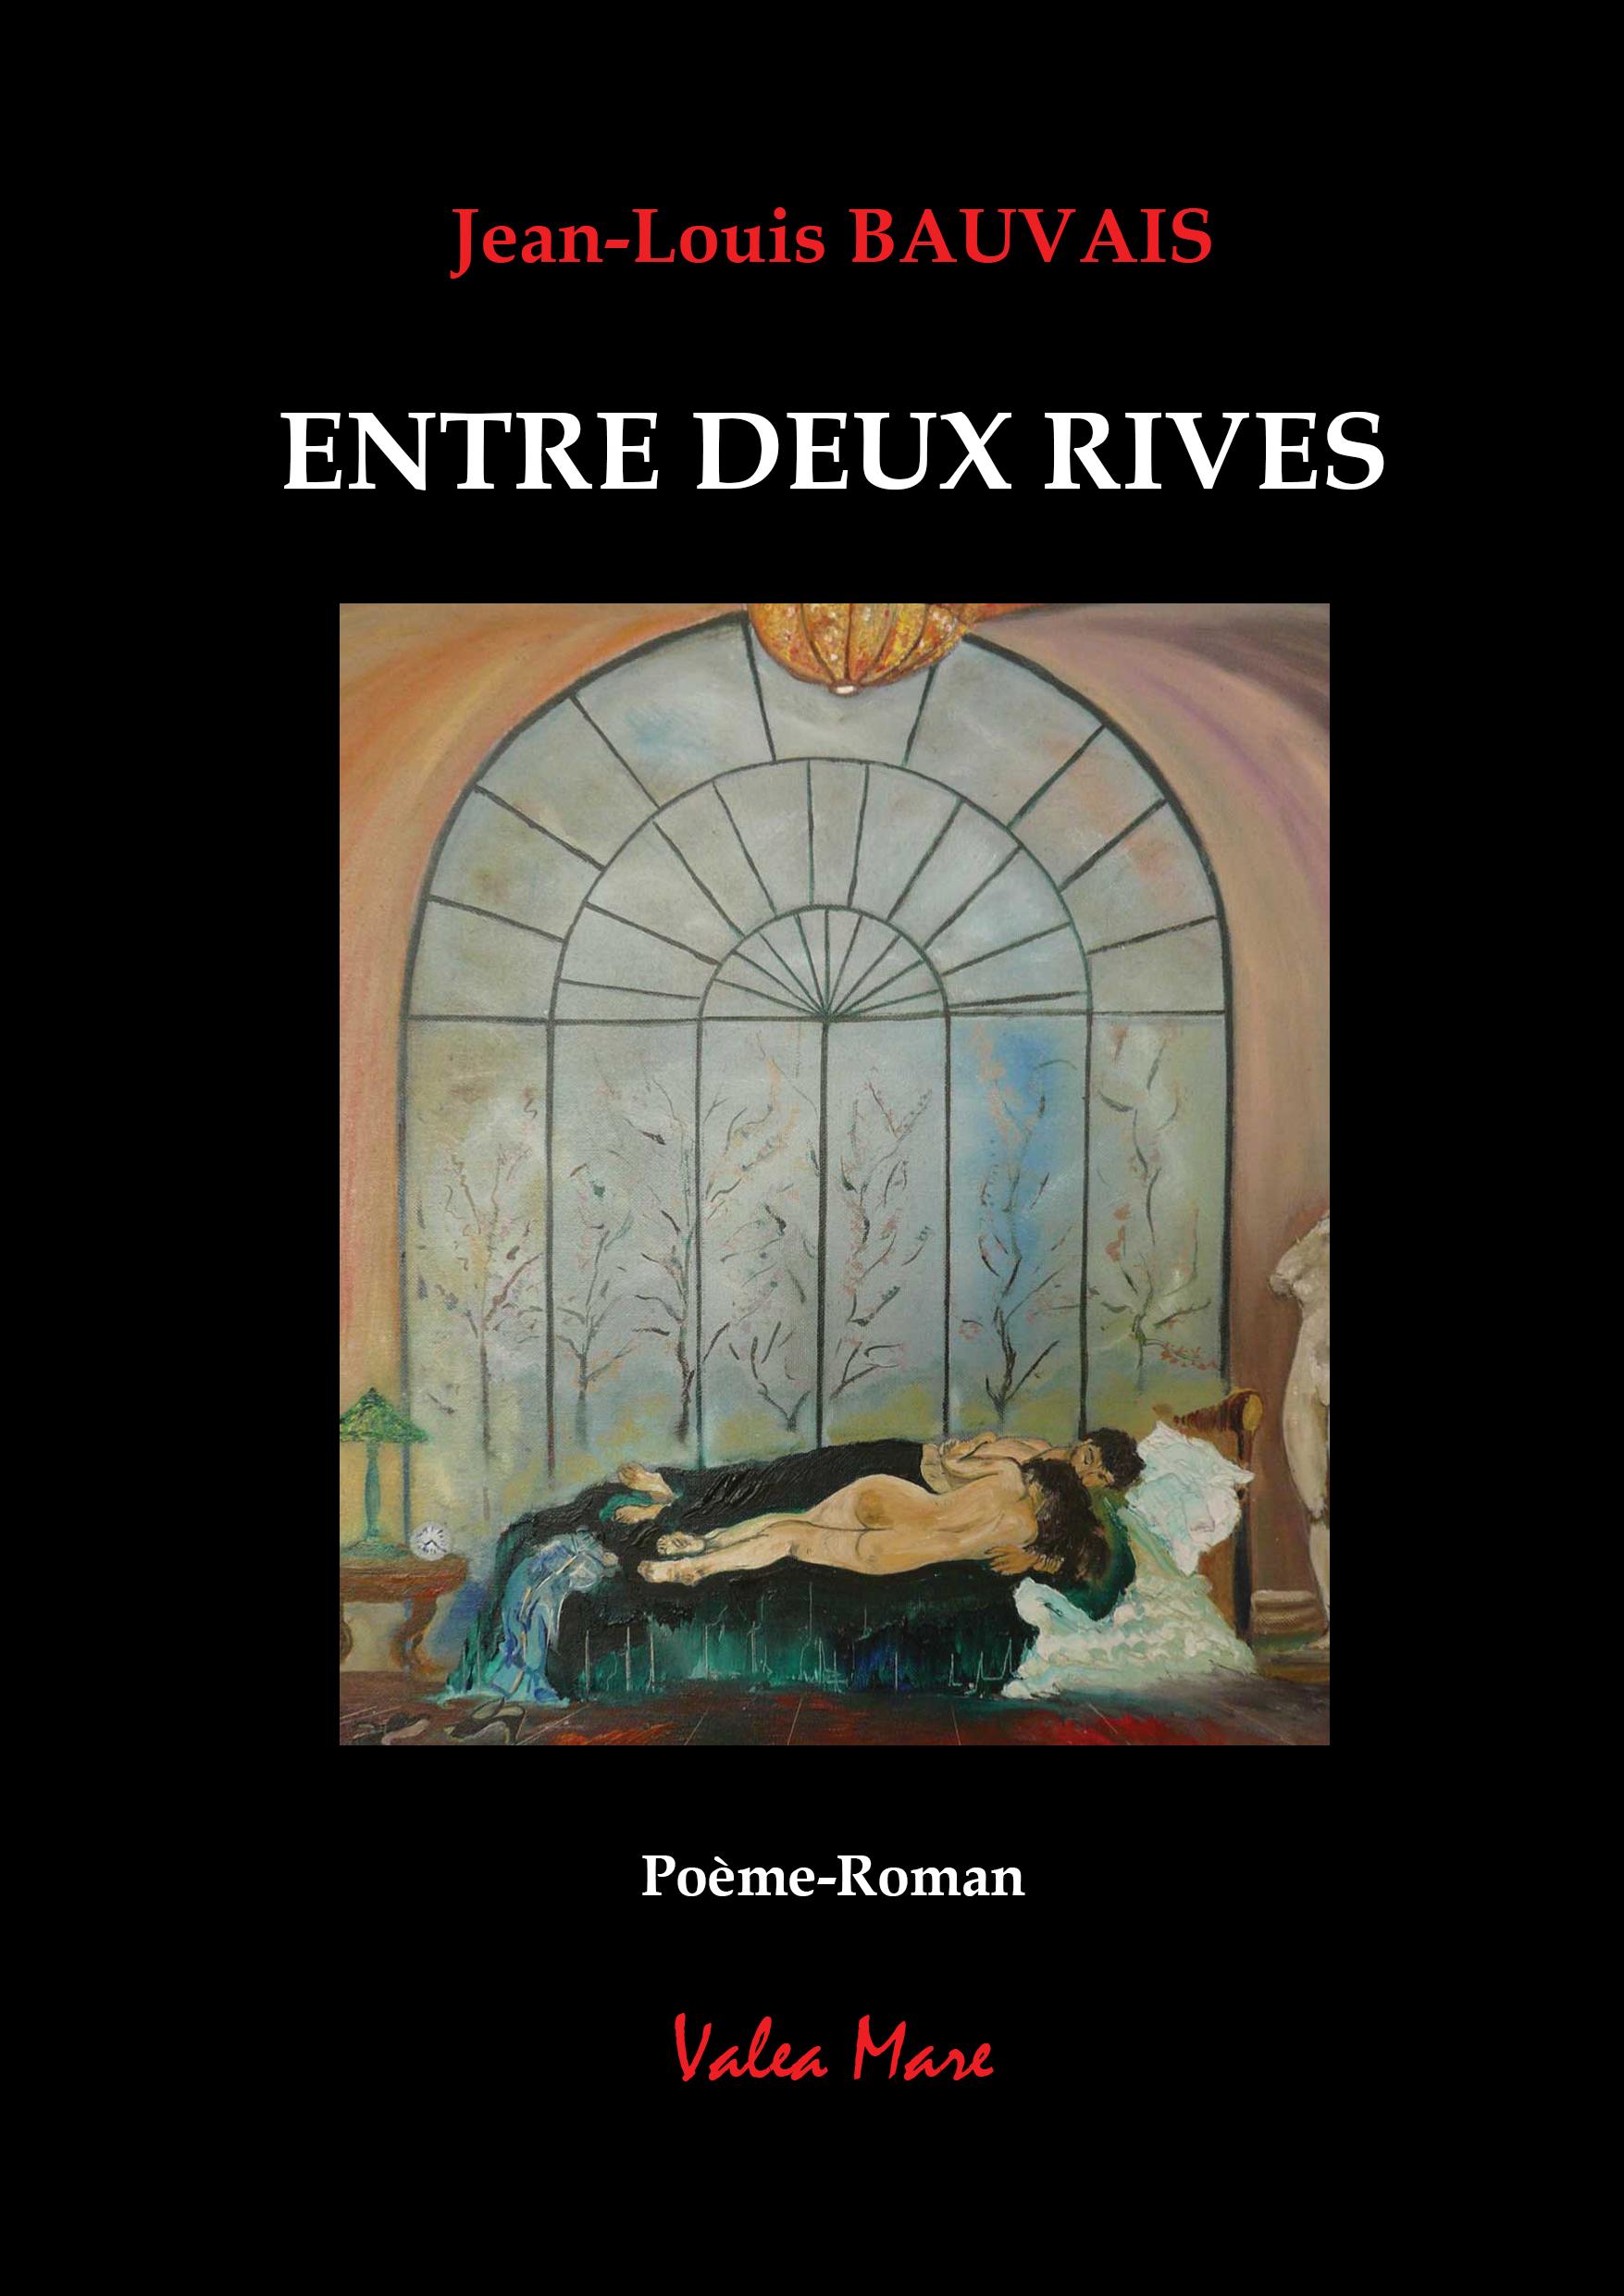 ENTRE DEUX RIVES